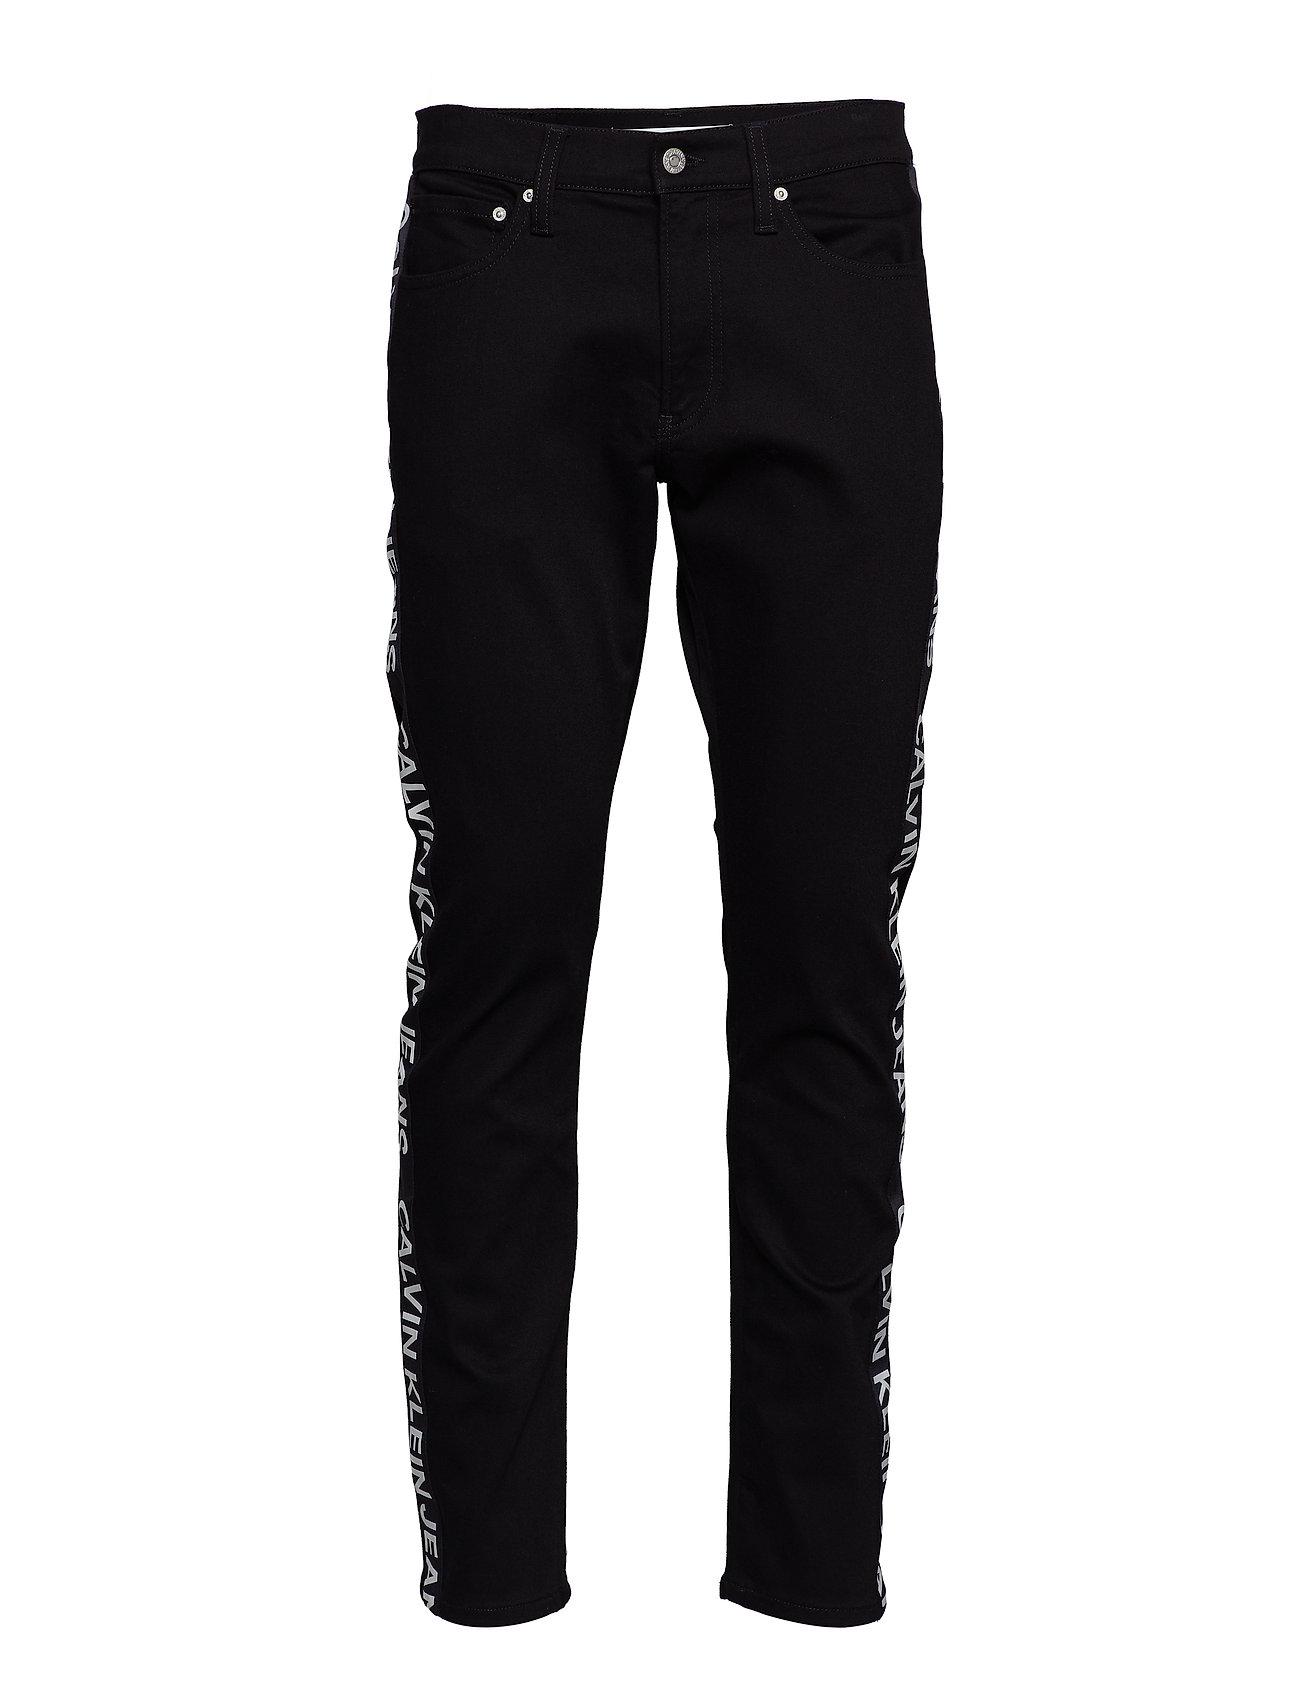 Calvin Klein Jeans CKJ 026 SLIM - BLACK SIDE STRIPE LOGO